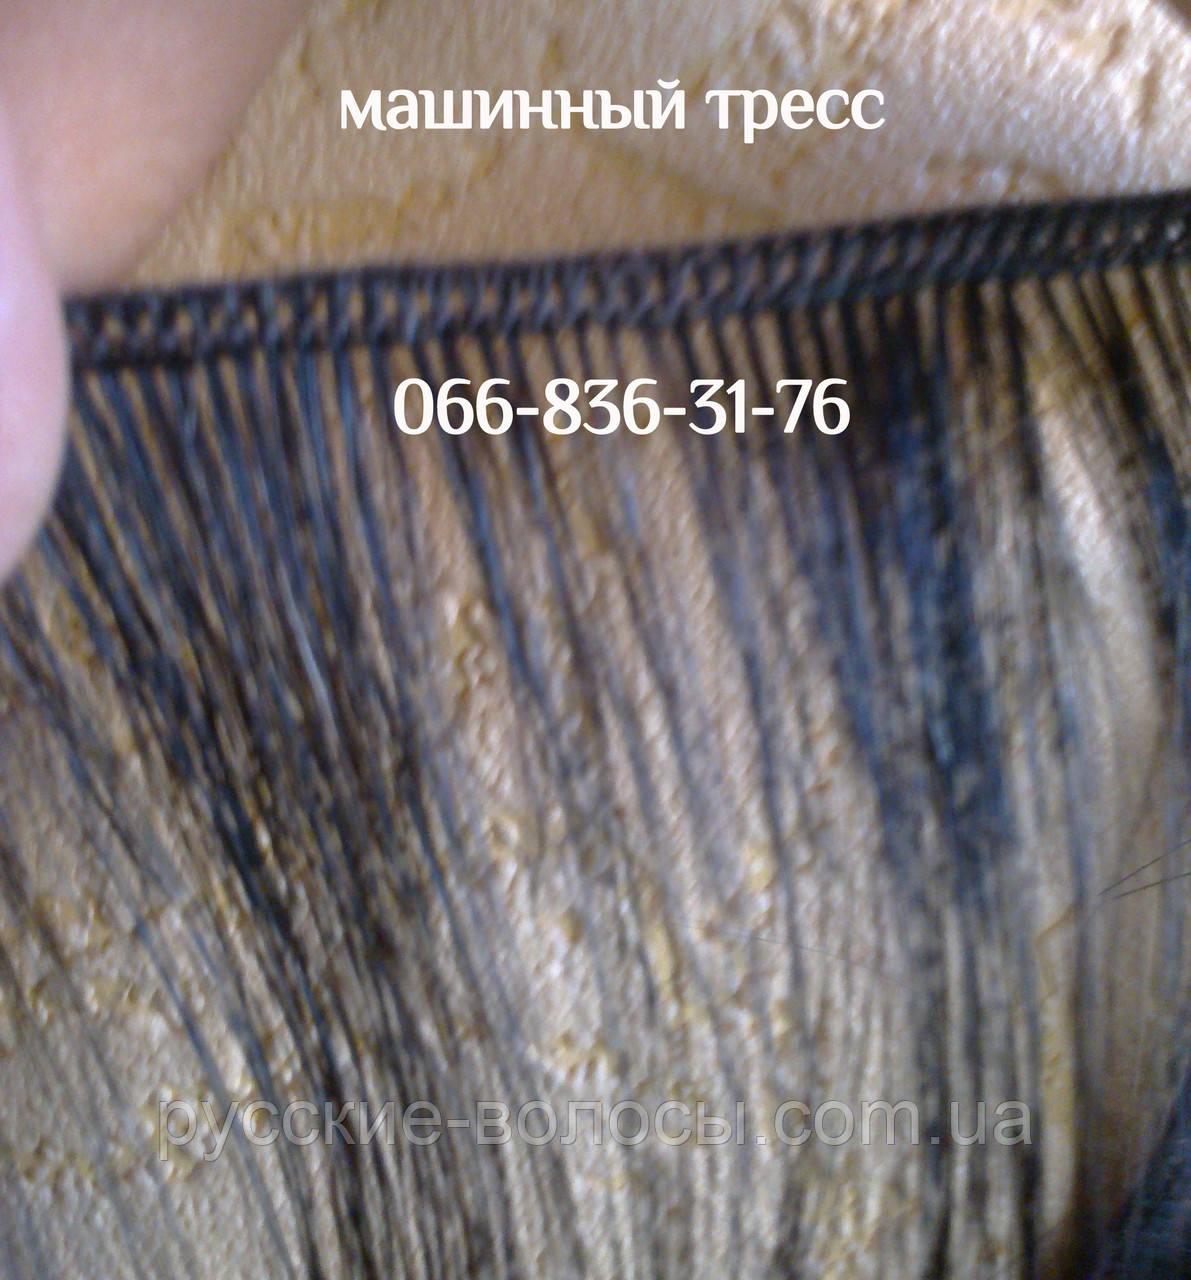 Вышивка из китая подушек